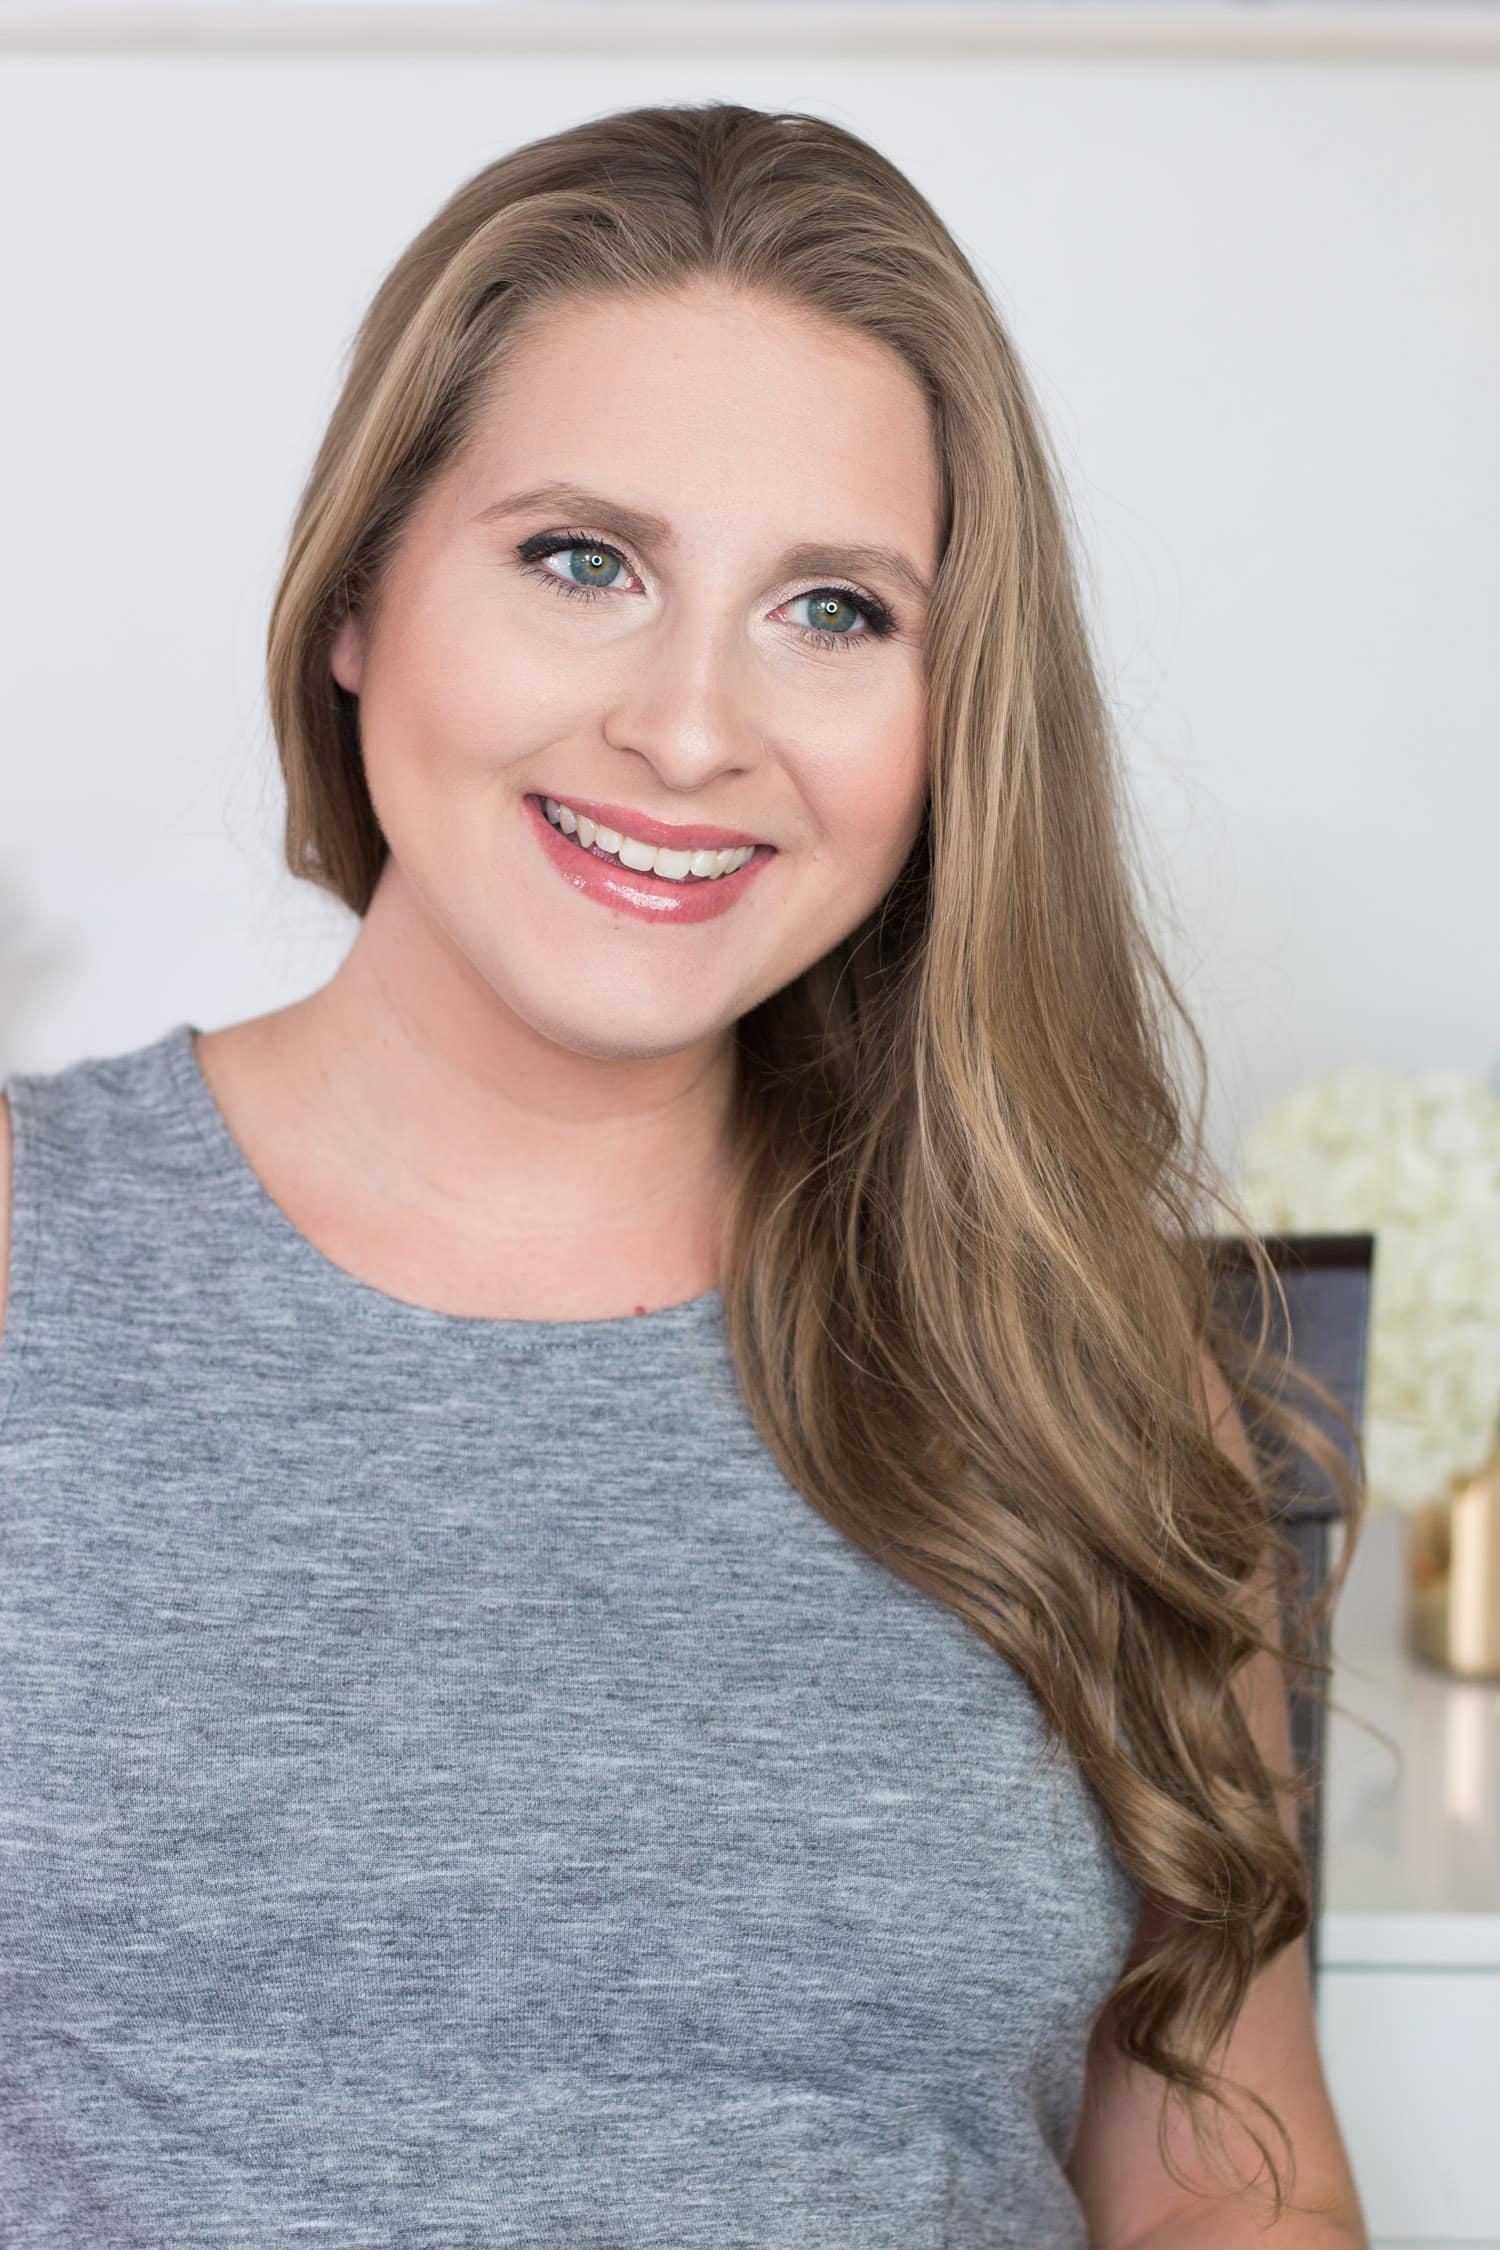 jane-iredale-makeup-tutorial-review-dirty blonde hair beautiful skin look flawless